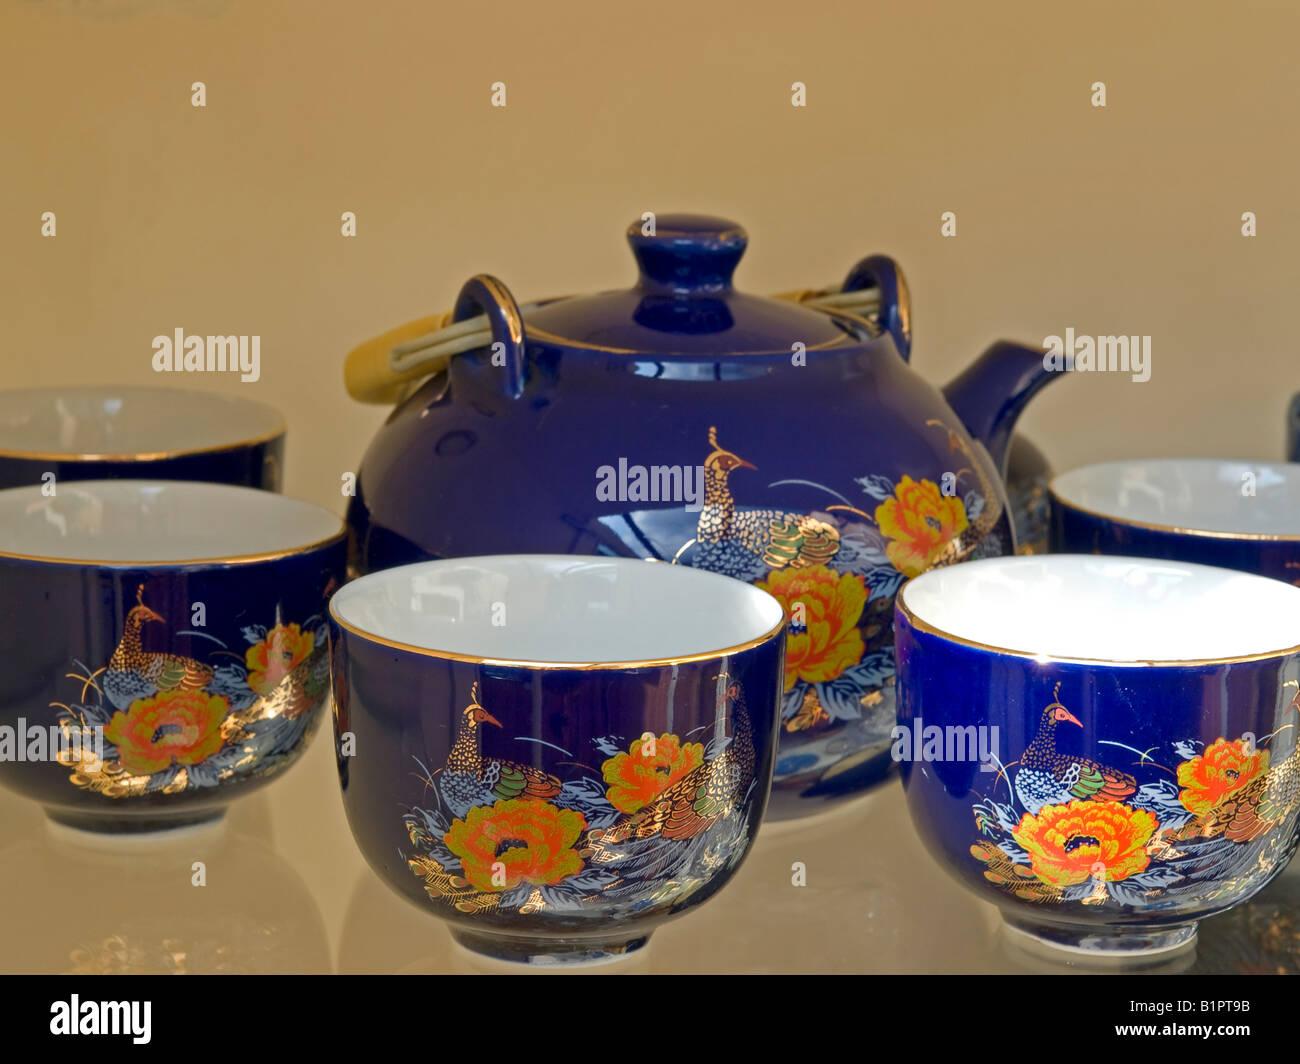 floral design blue tea service - Stock Image